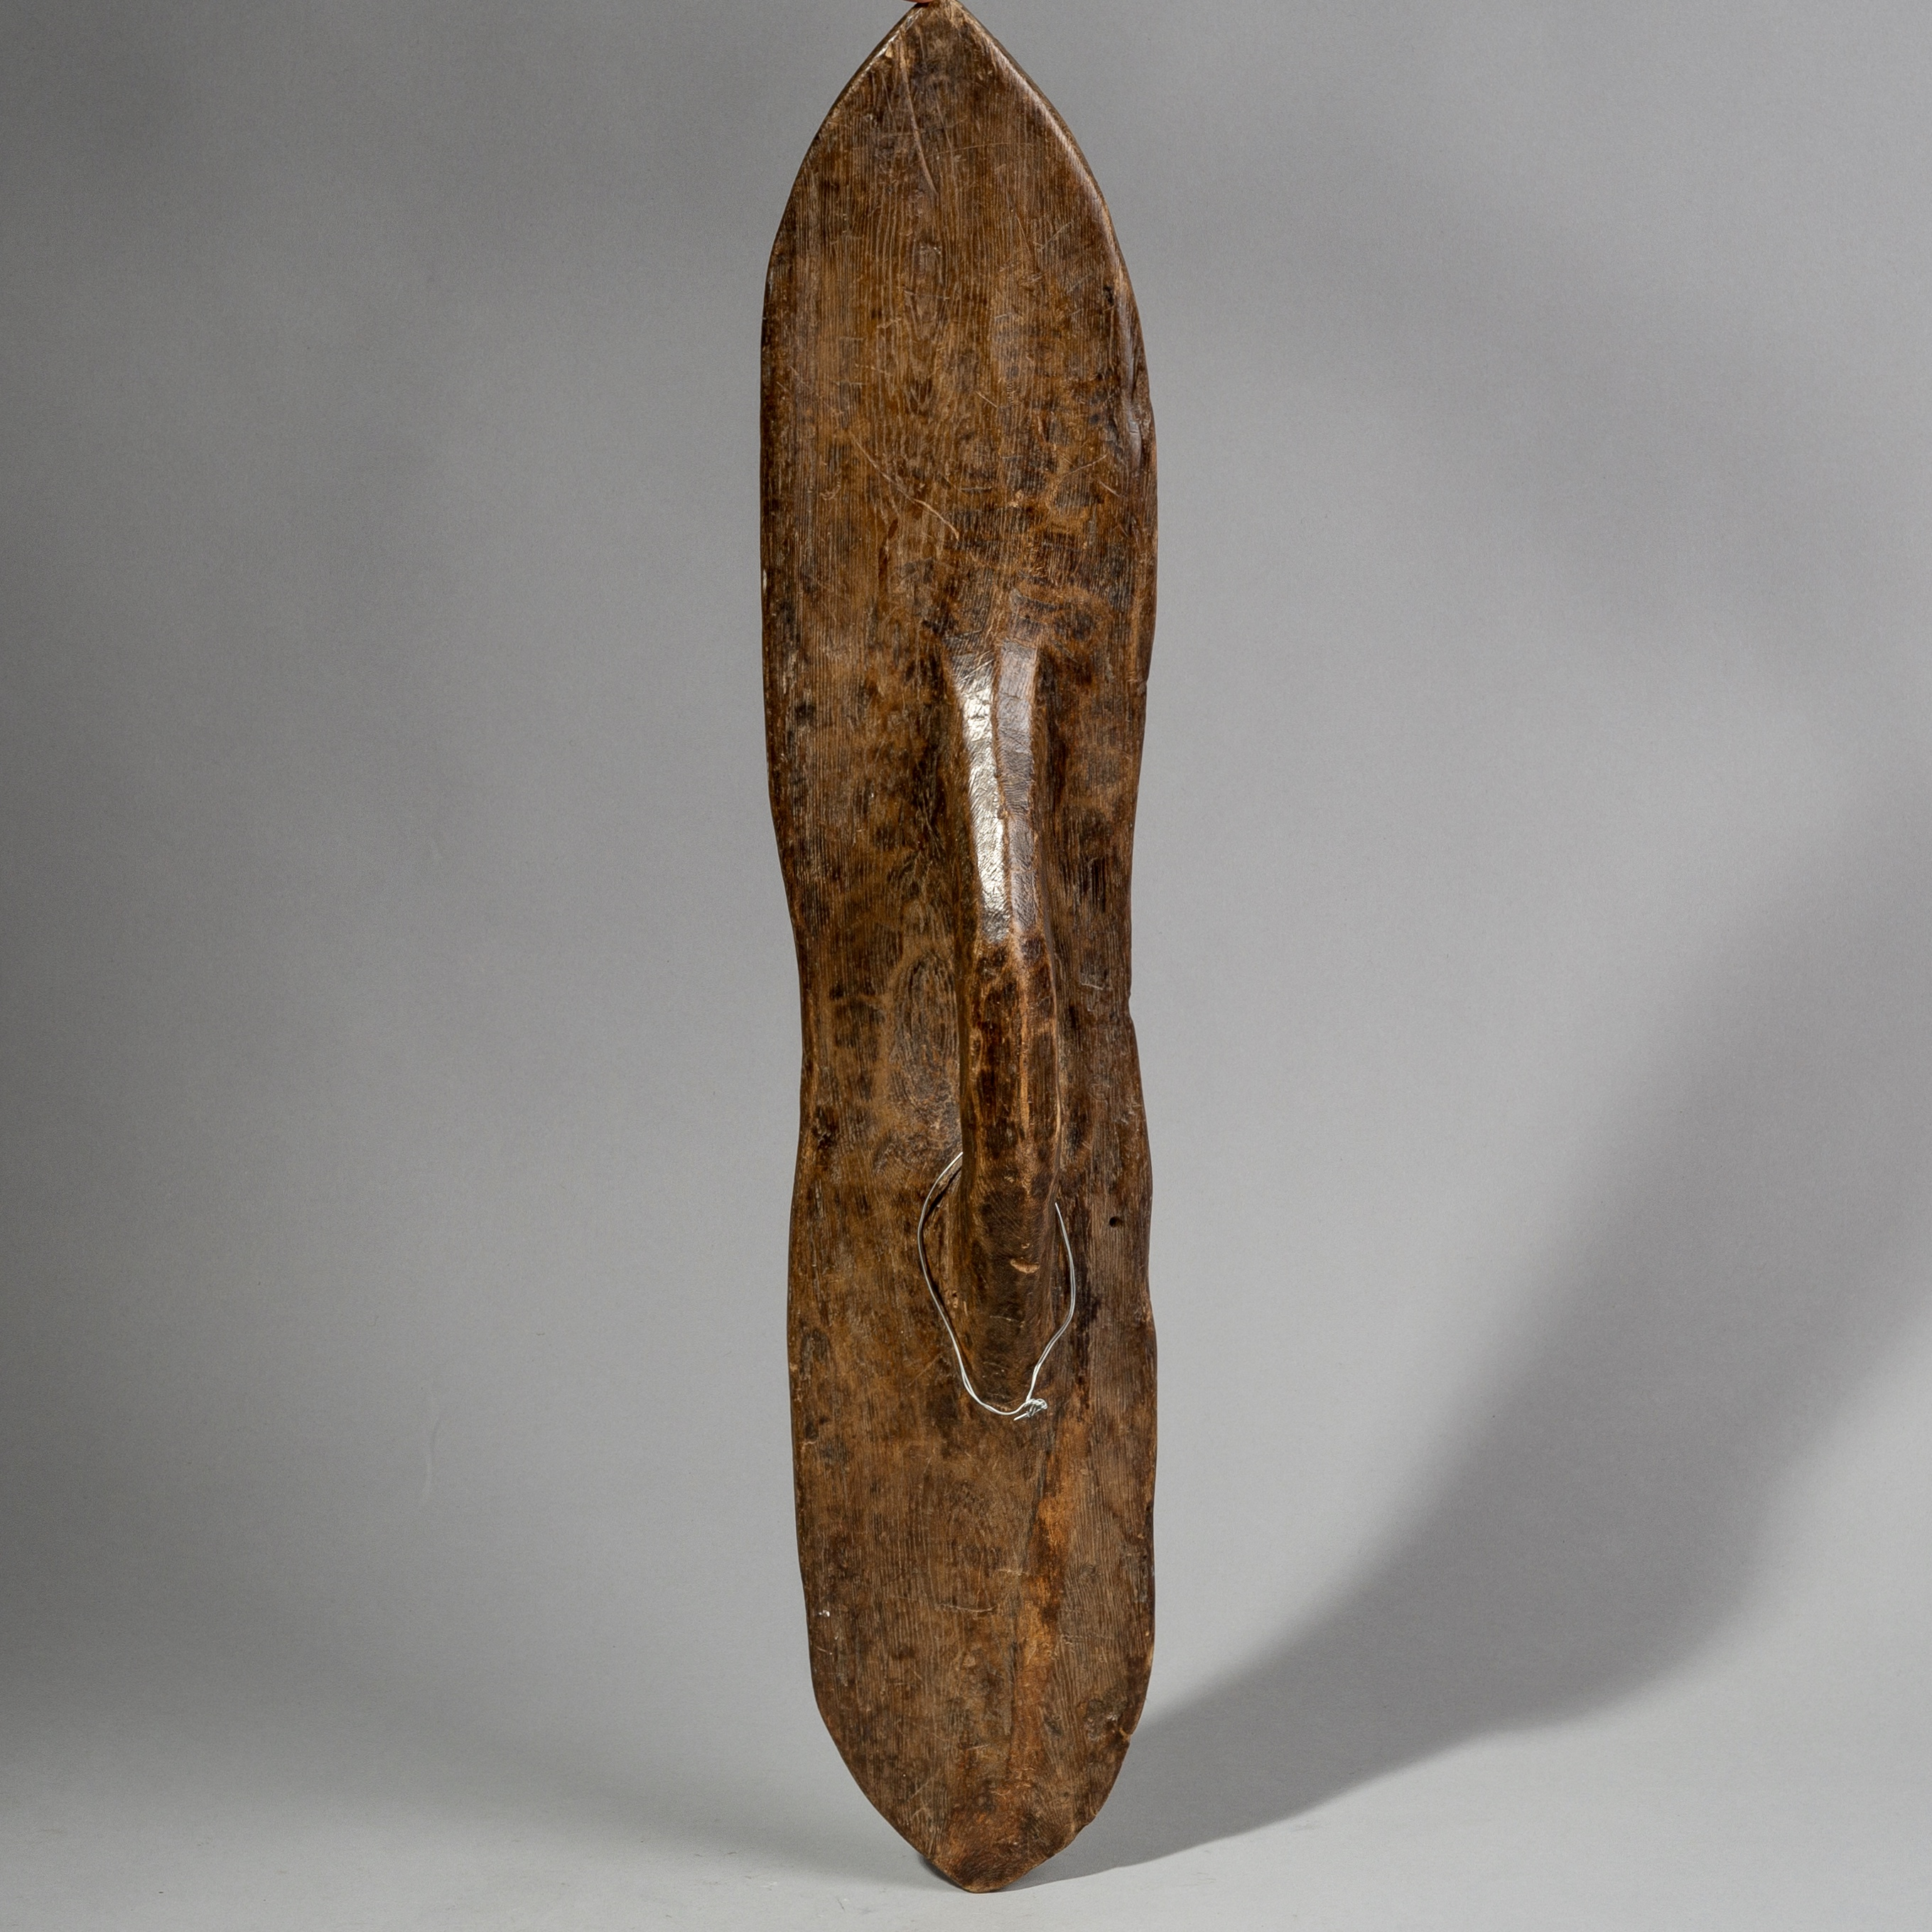 A SIMPLE WOODEN TURKANA SHIELD WITH NATURAL PATINA FROM KENYA ( No 1496 )